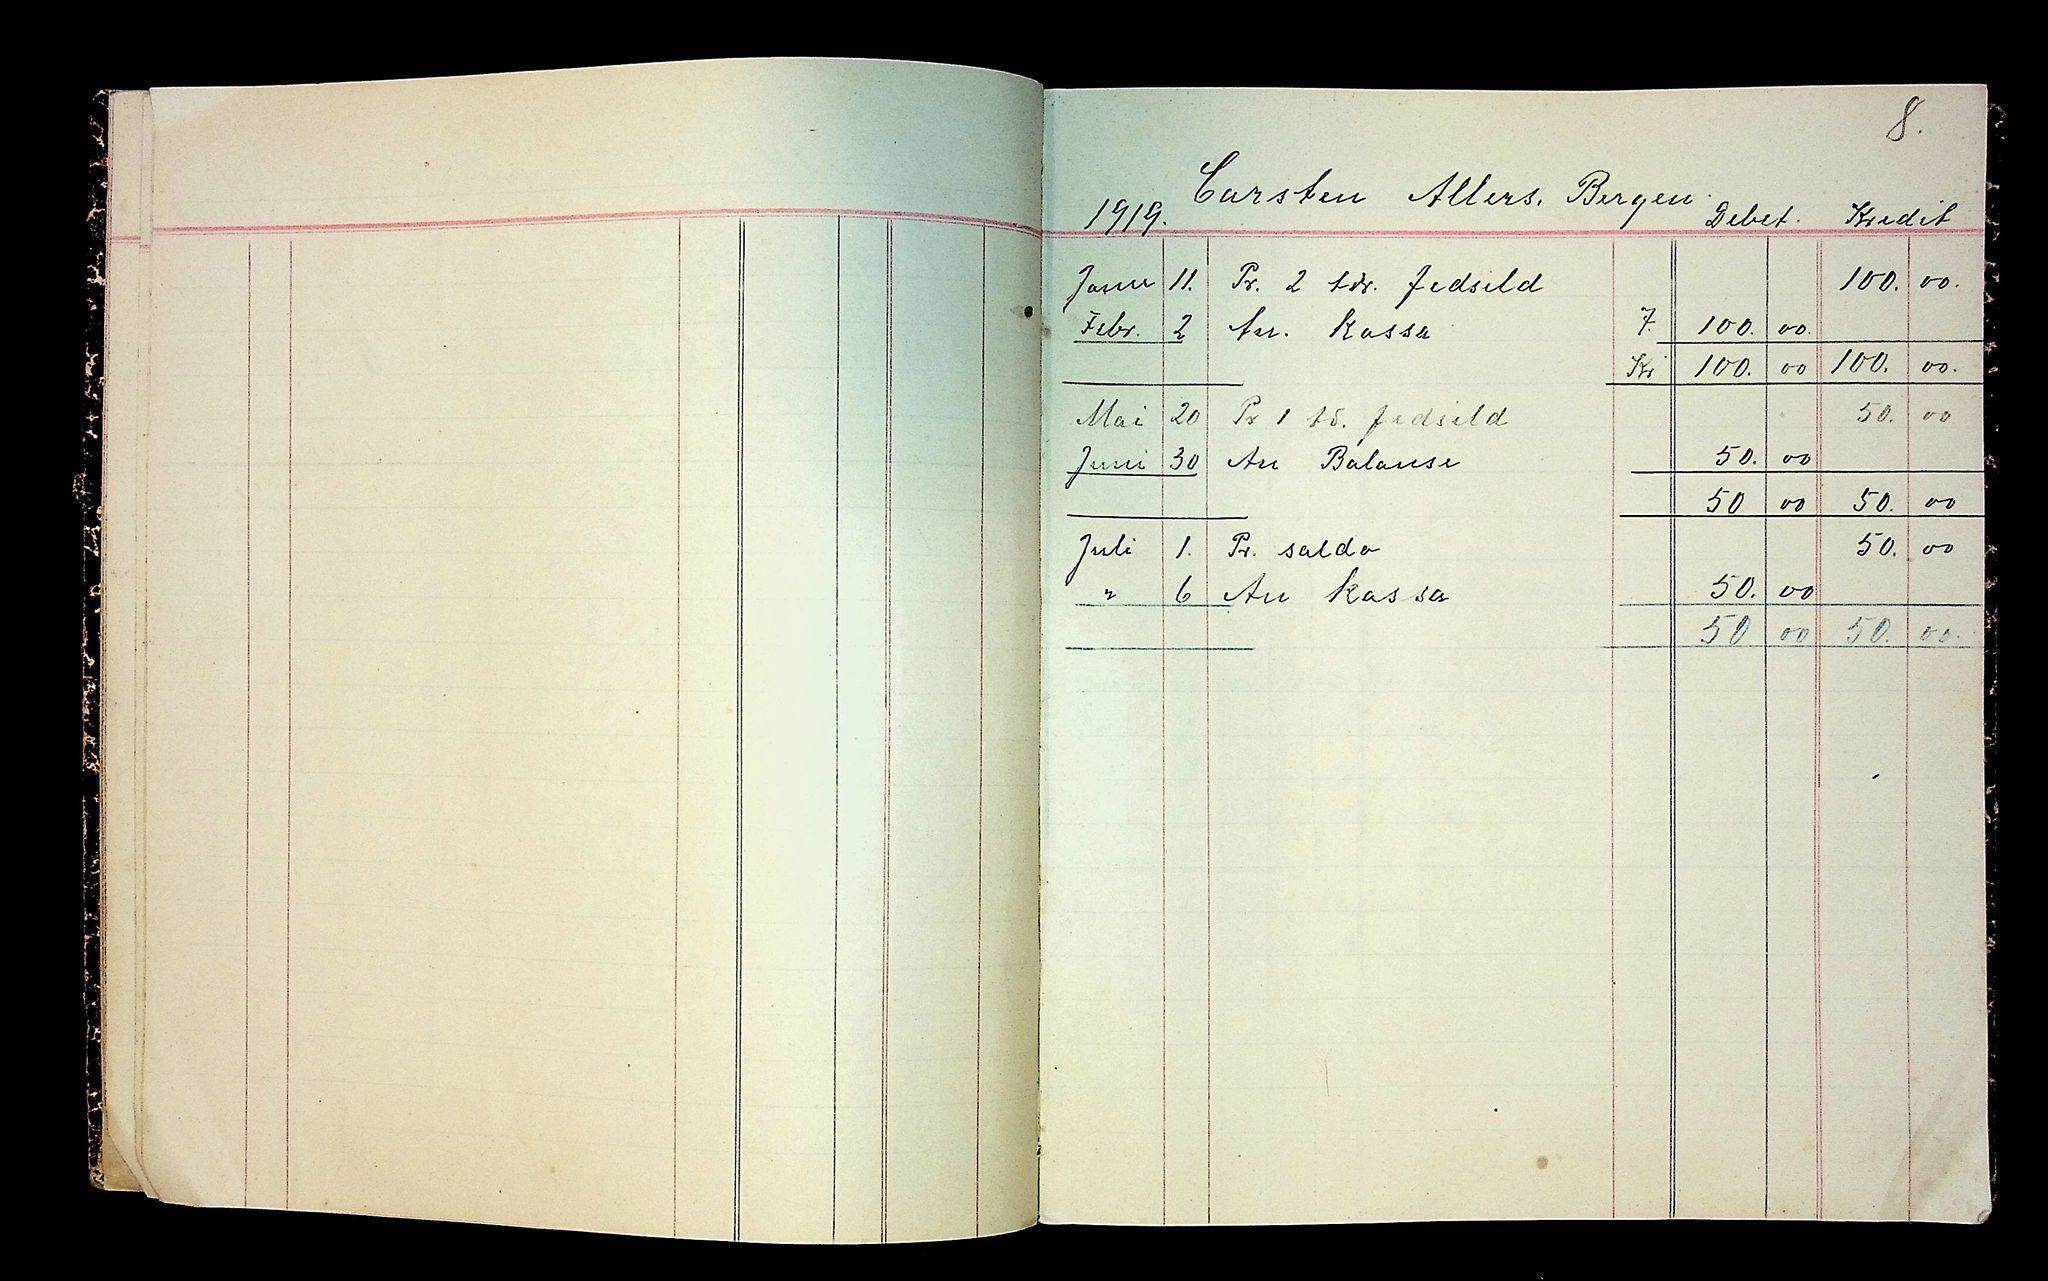 IKAH, Varaldsøy kommune. Mundheim provianteringsråd, R/Ra/L0002: Kontobok  for Mundheim provianteringsråd, 1919-1920, s. 9